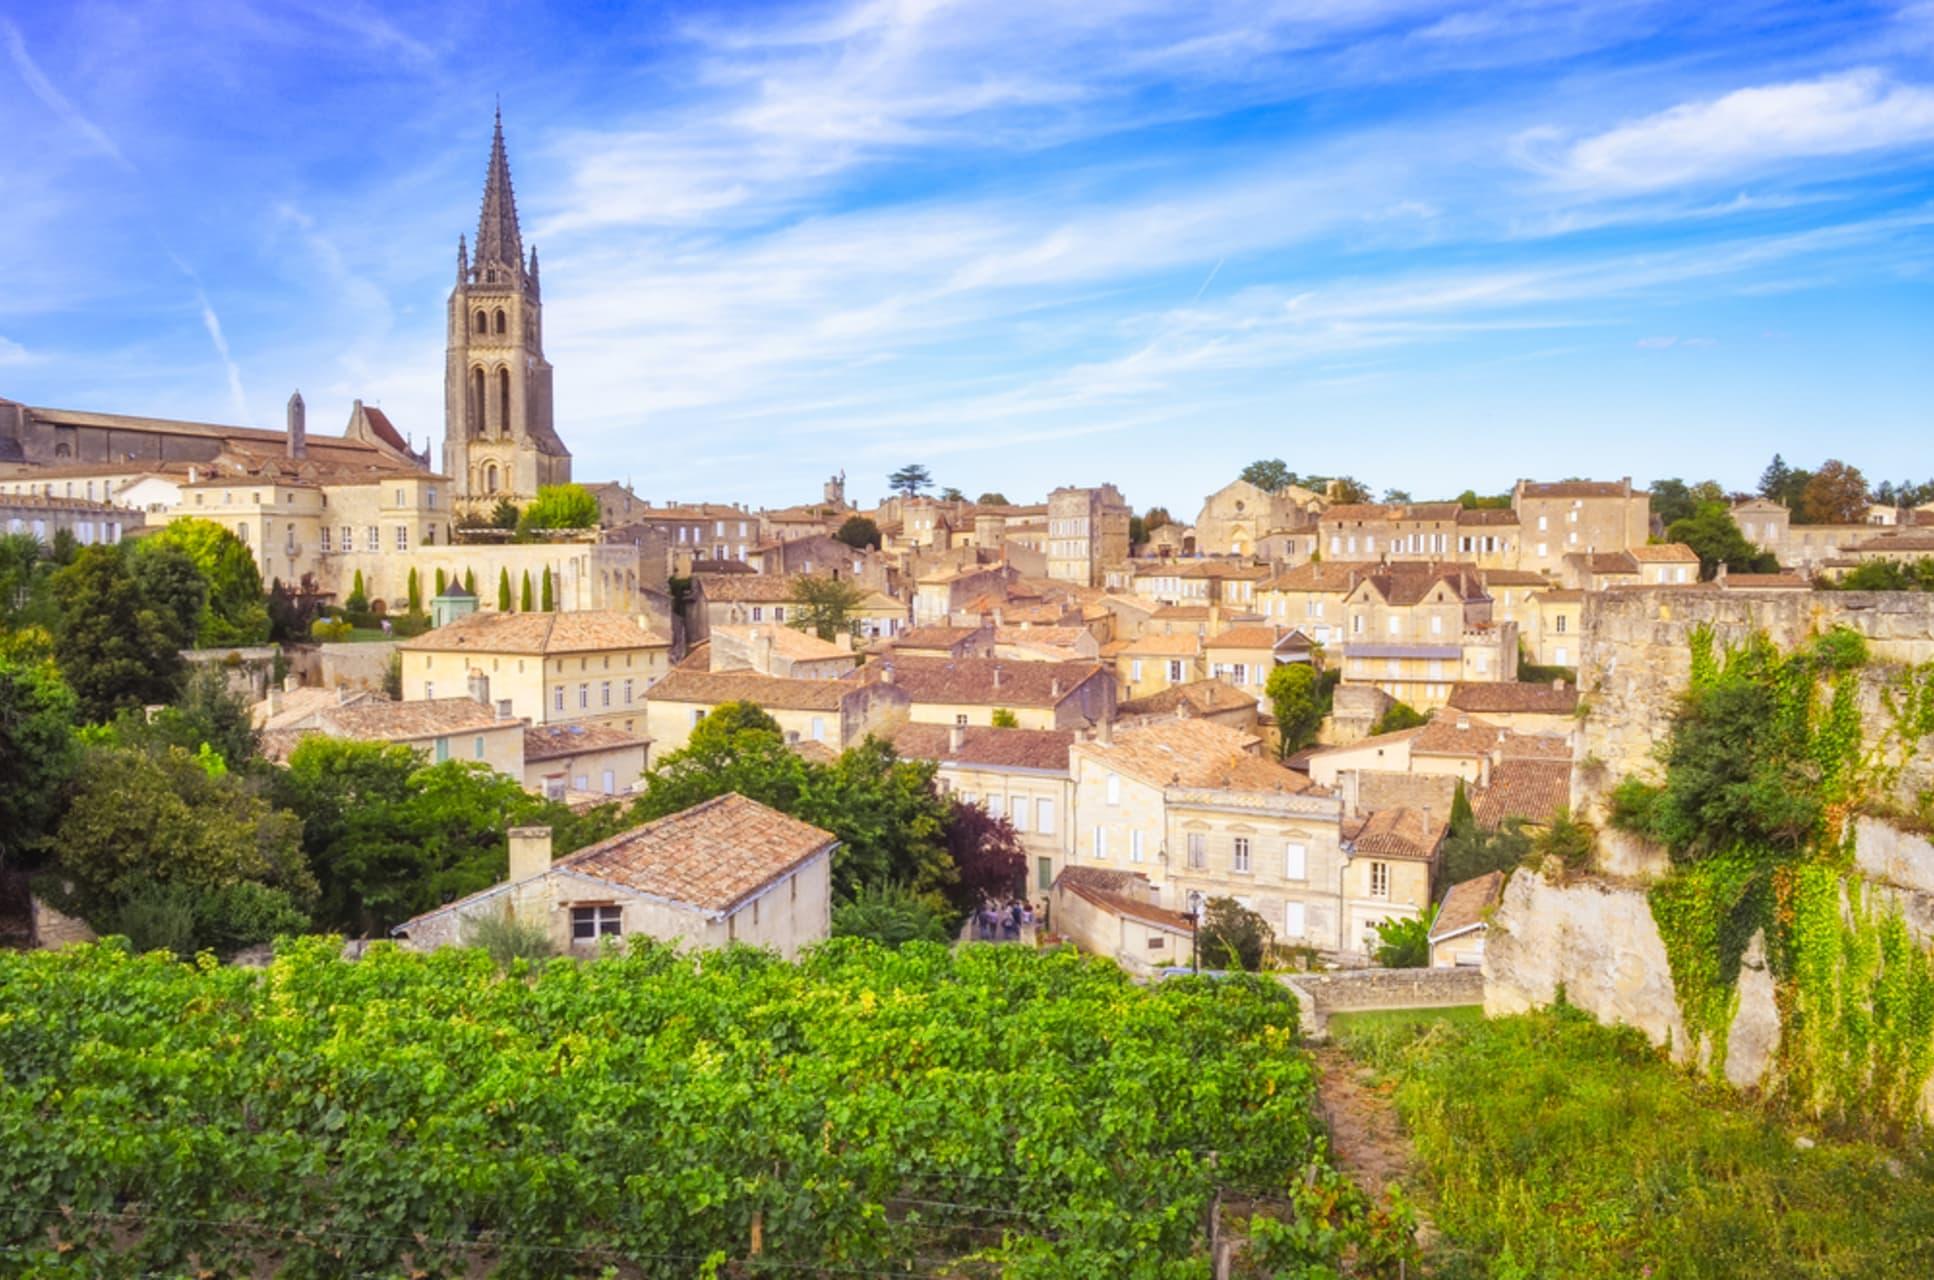 Saint-Émilion - Mystery of Saint-Émilion